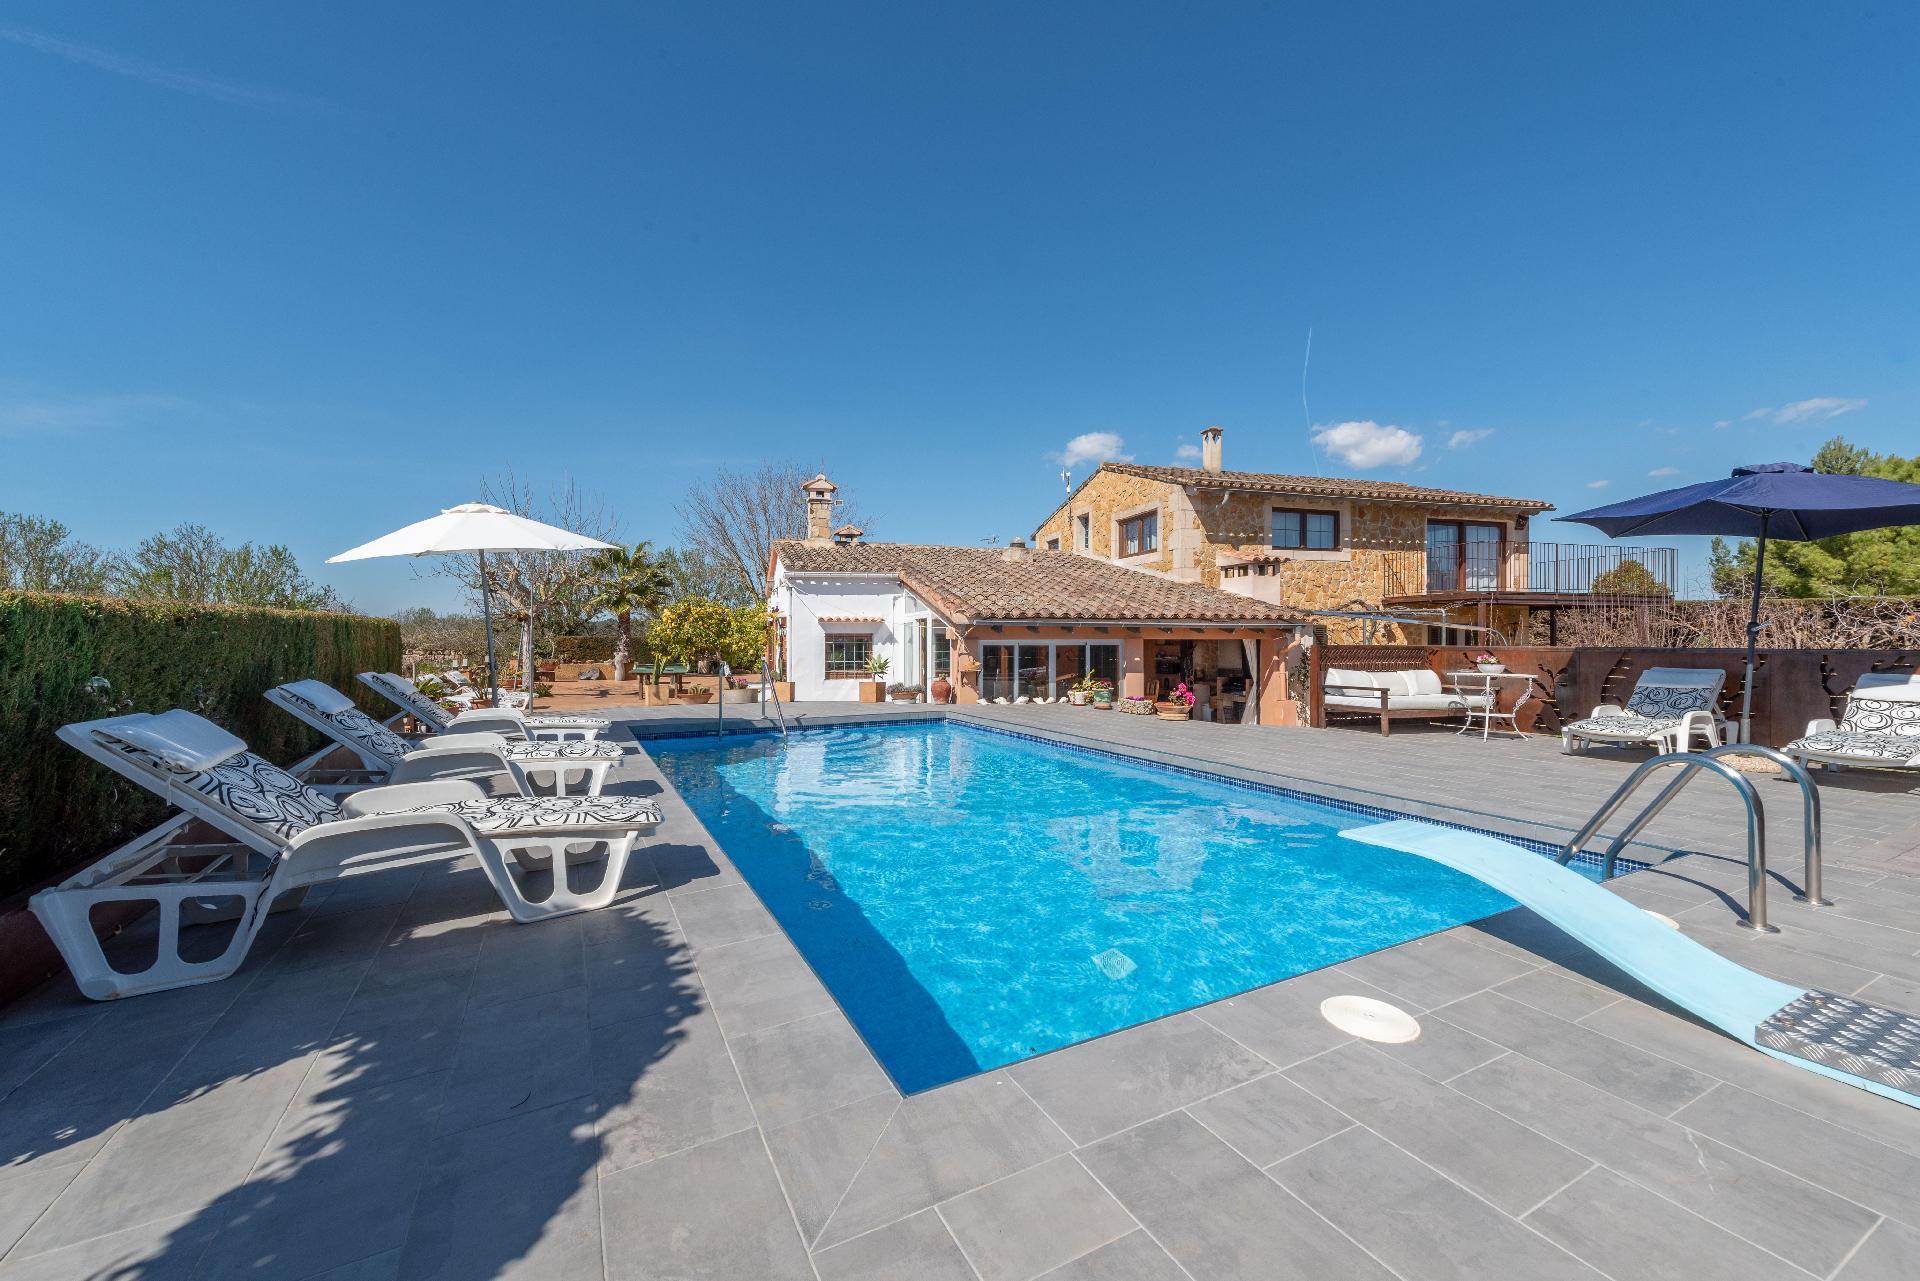 Ferienhaus mit Privatpool für 9 Personen ca 166 m² in Felanitx Mallorca Südostküste von Mallorca